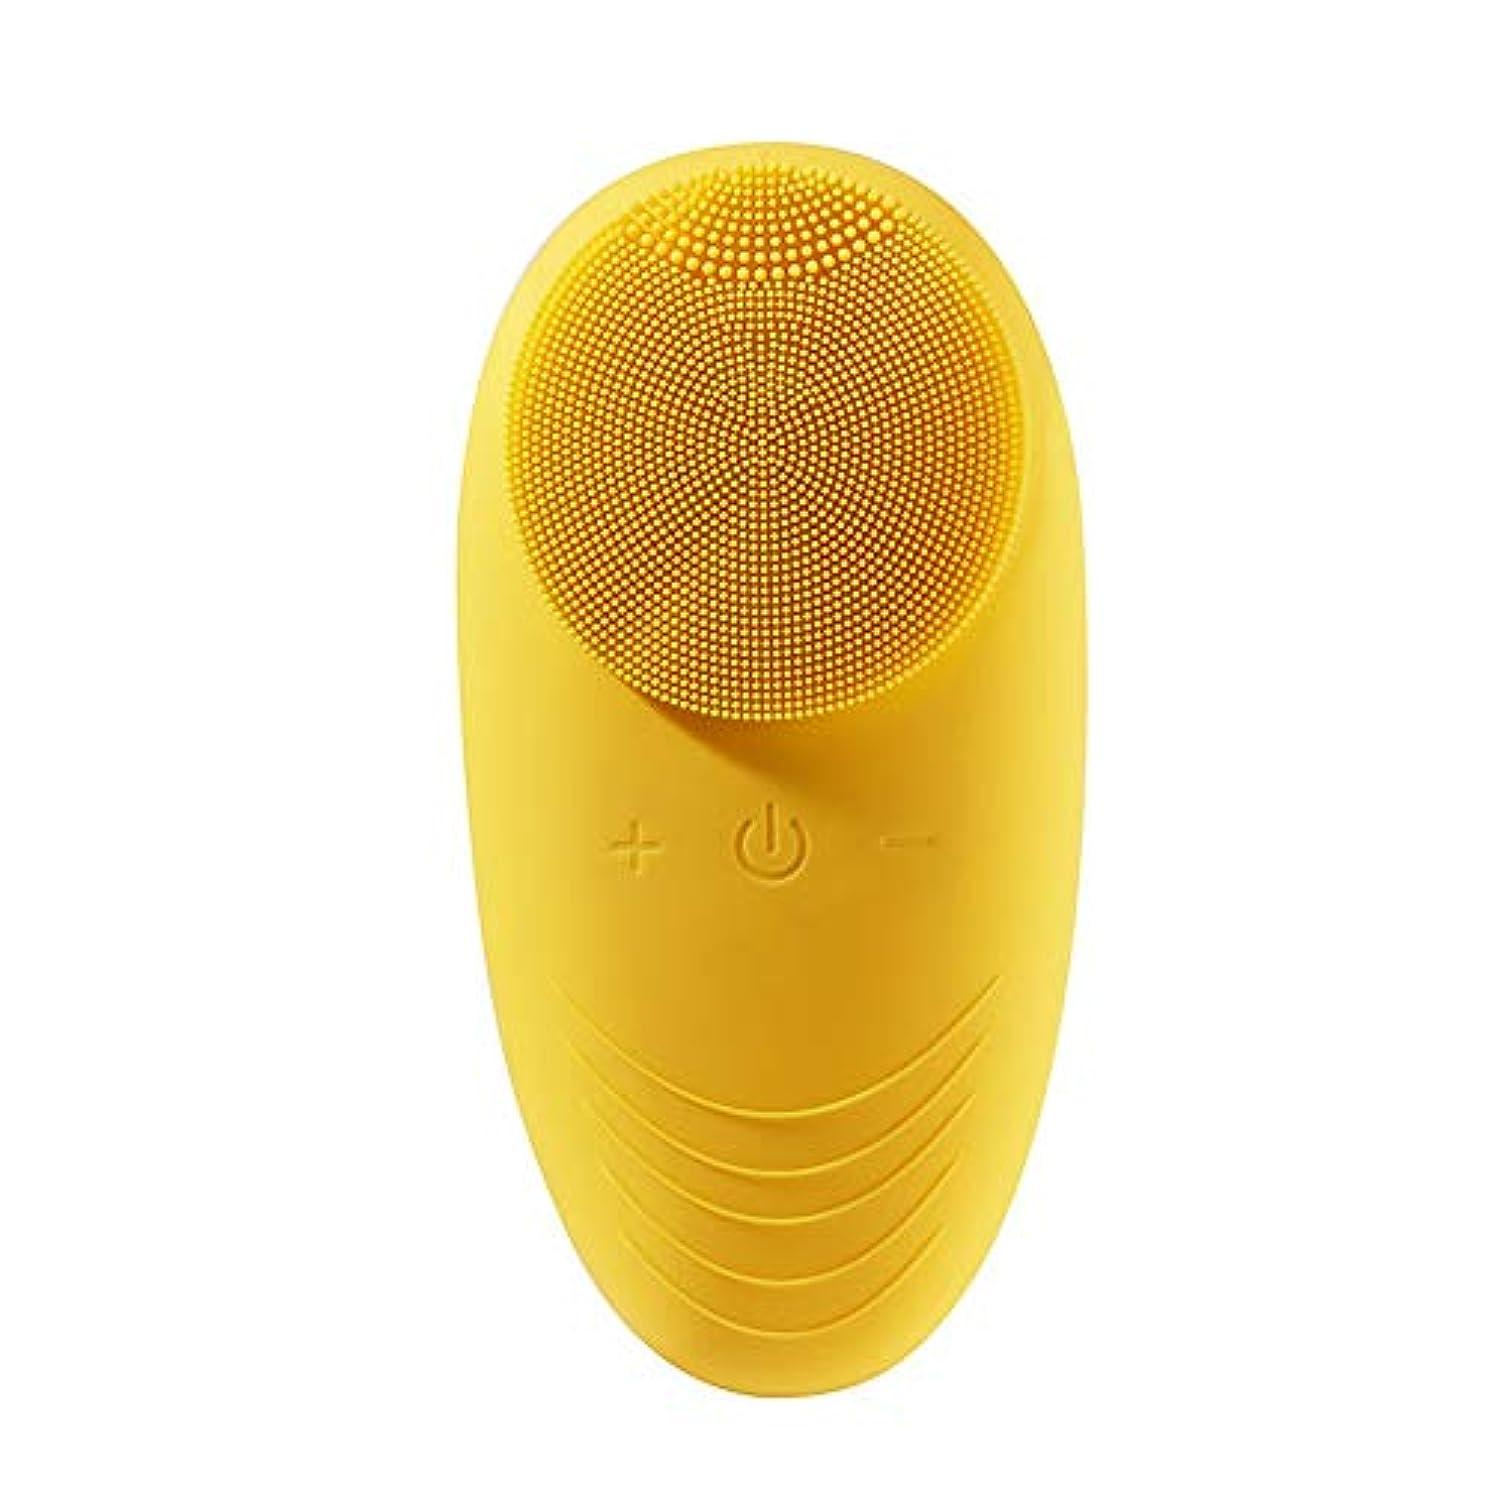 珍味辞任贅沢ZXF 電気シリコーン防水クレンジングブラシディープクリーニングポア超音波振動クレンジング器具美容器具 滑らかである (色 : Yellow)